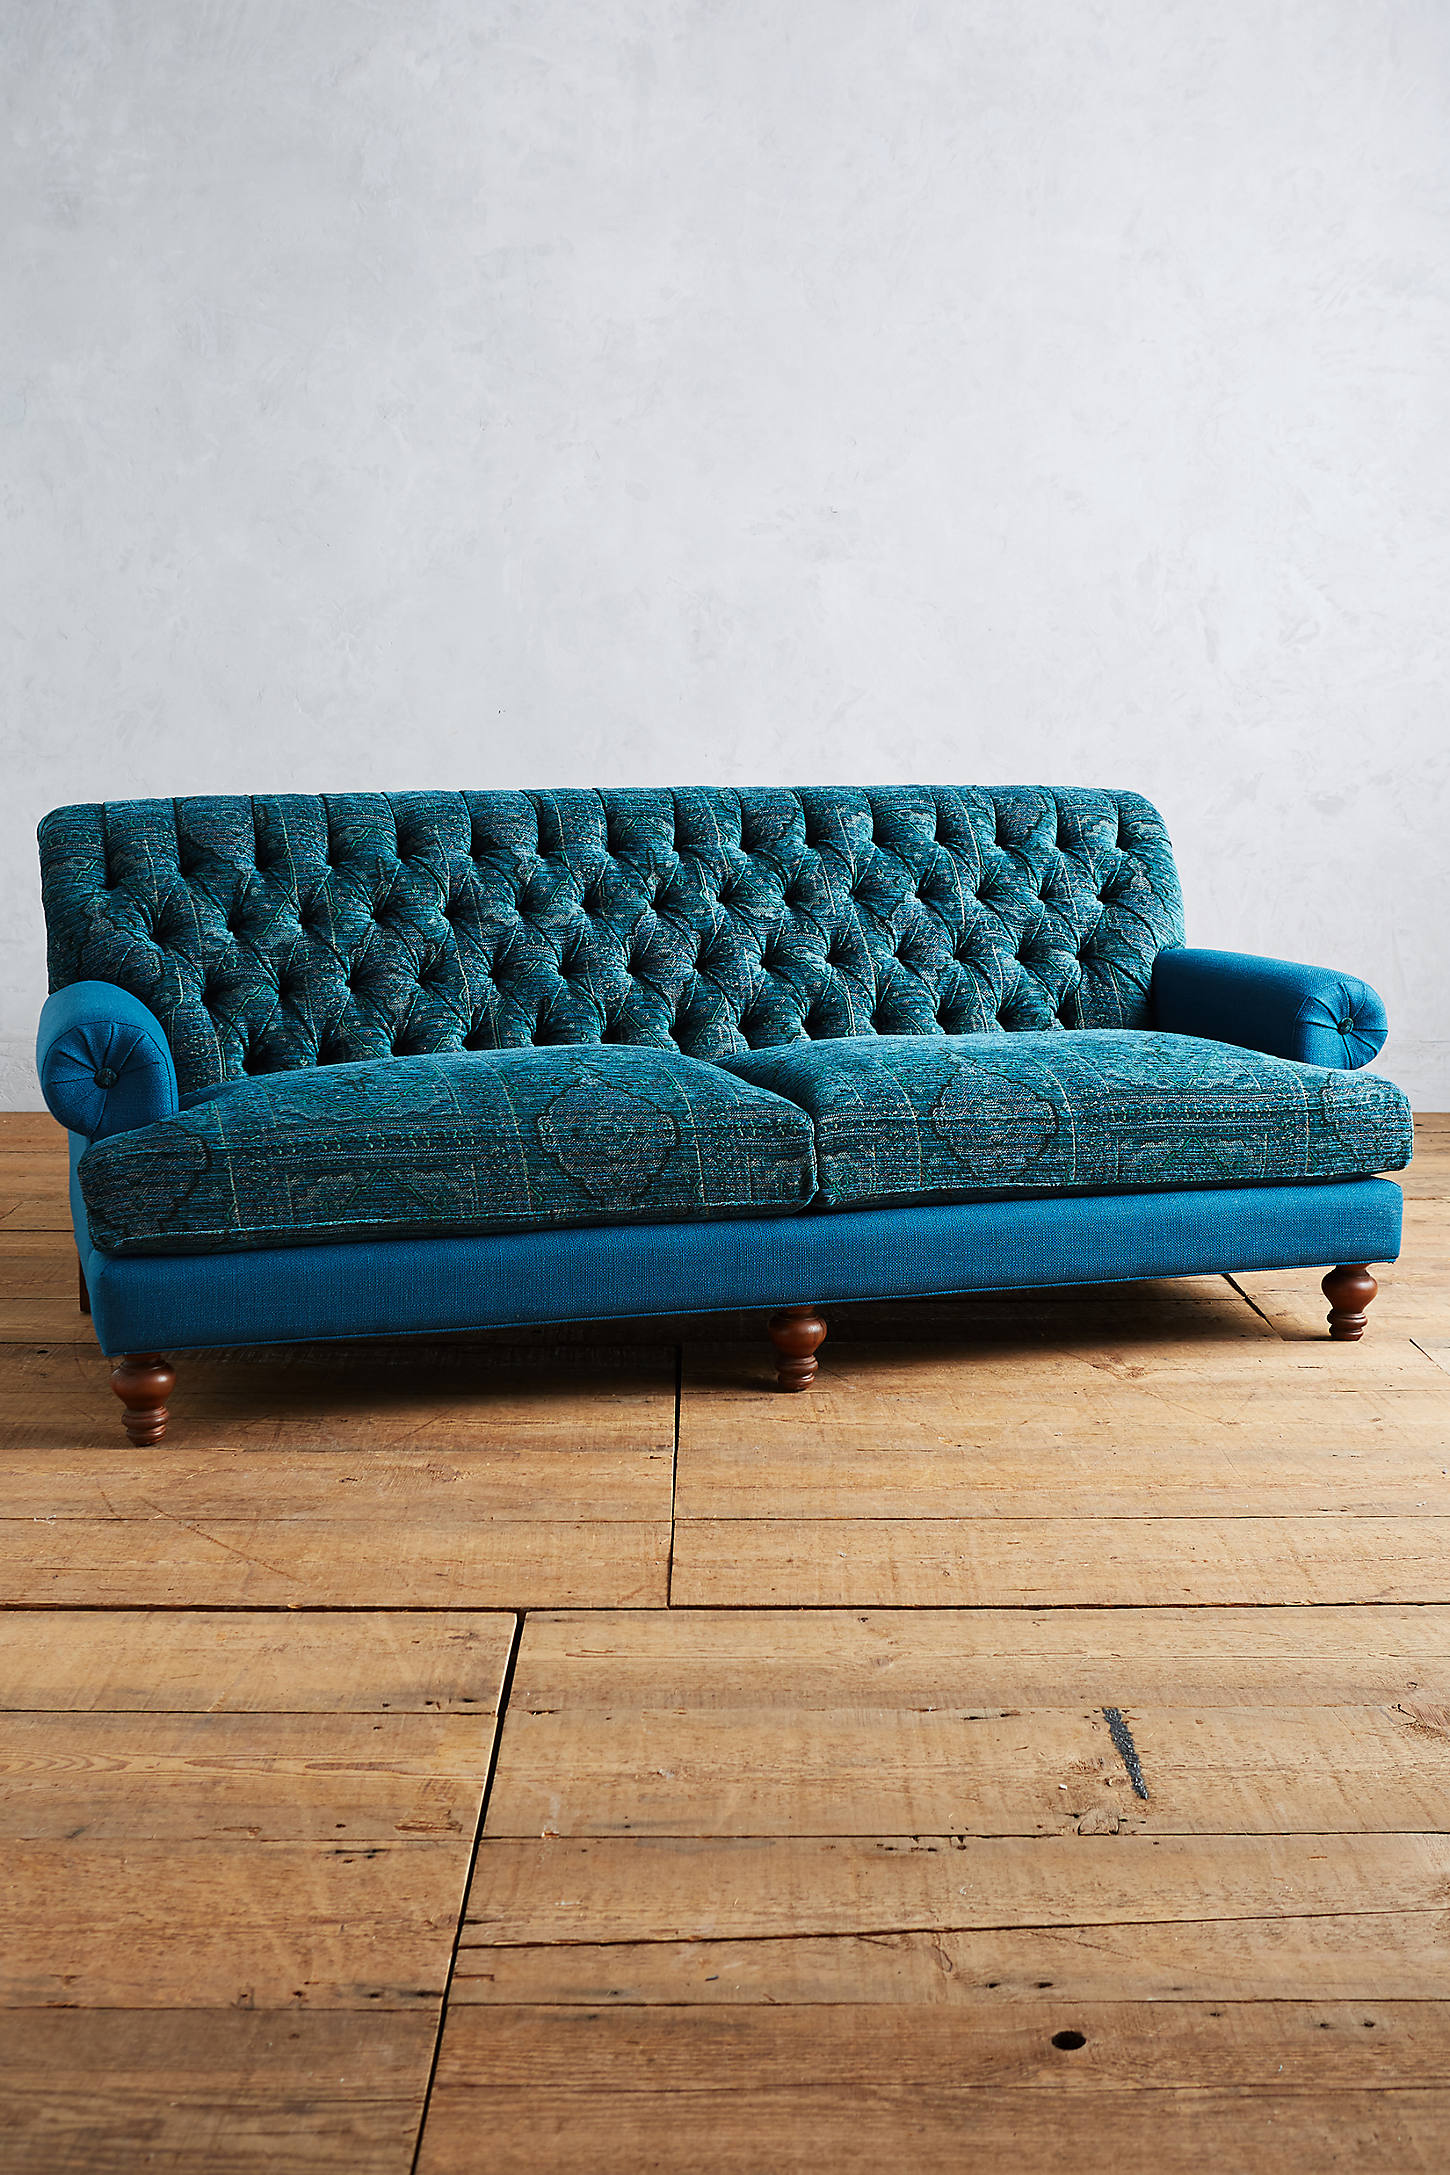 Rug-Woven Fan Pleat Sofa